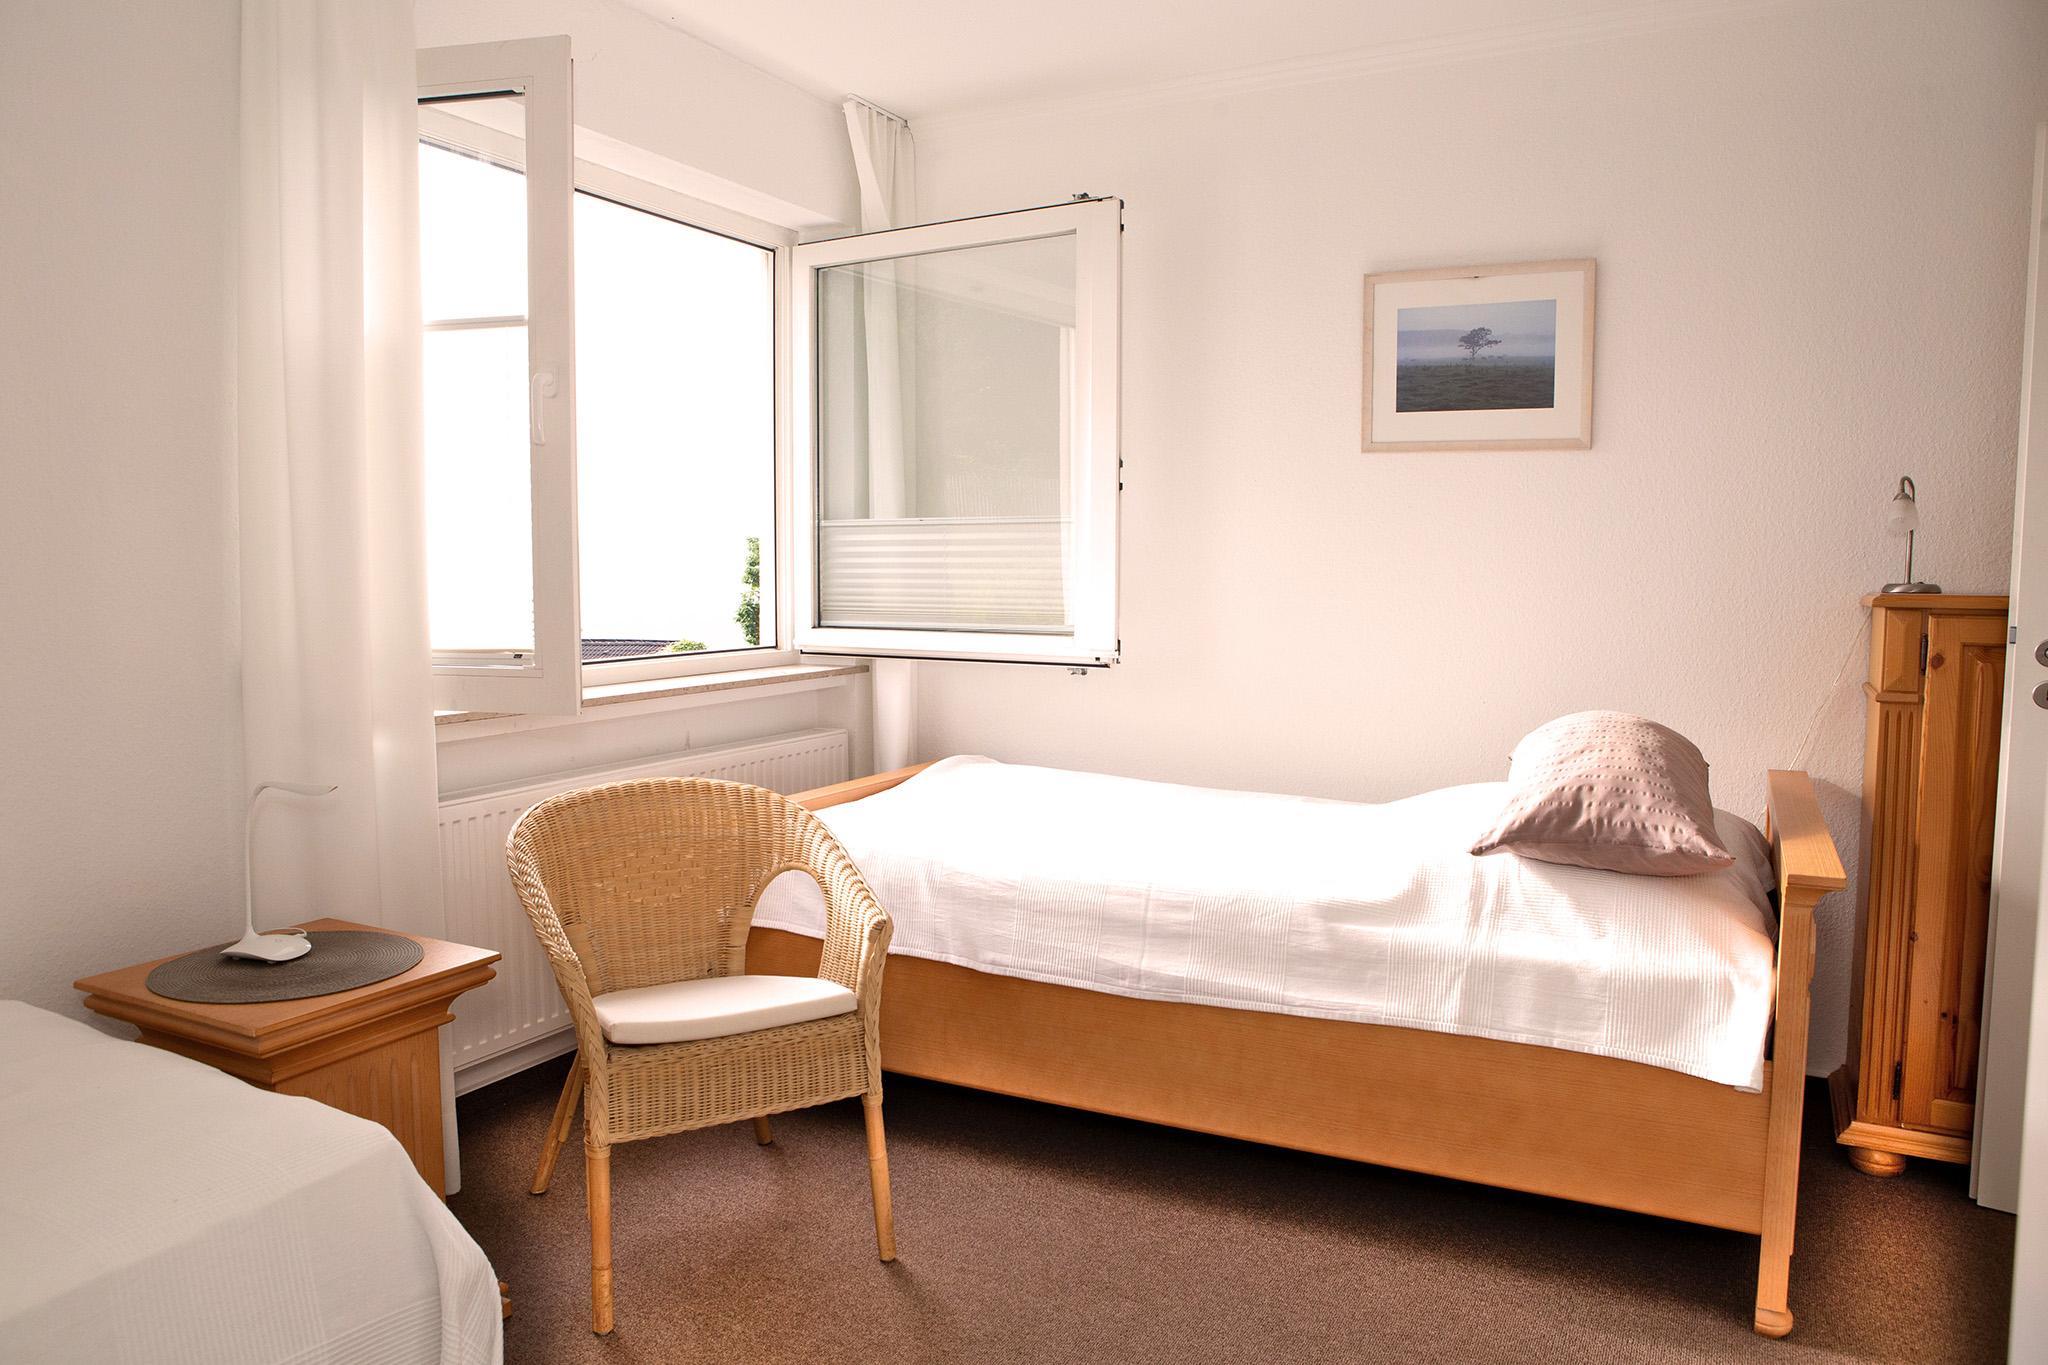 Ein weiteres Schlafzimmer bspw. für Großfamilien oder die Kinder.